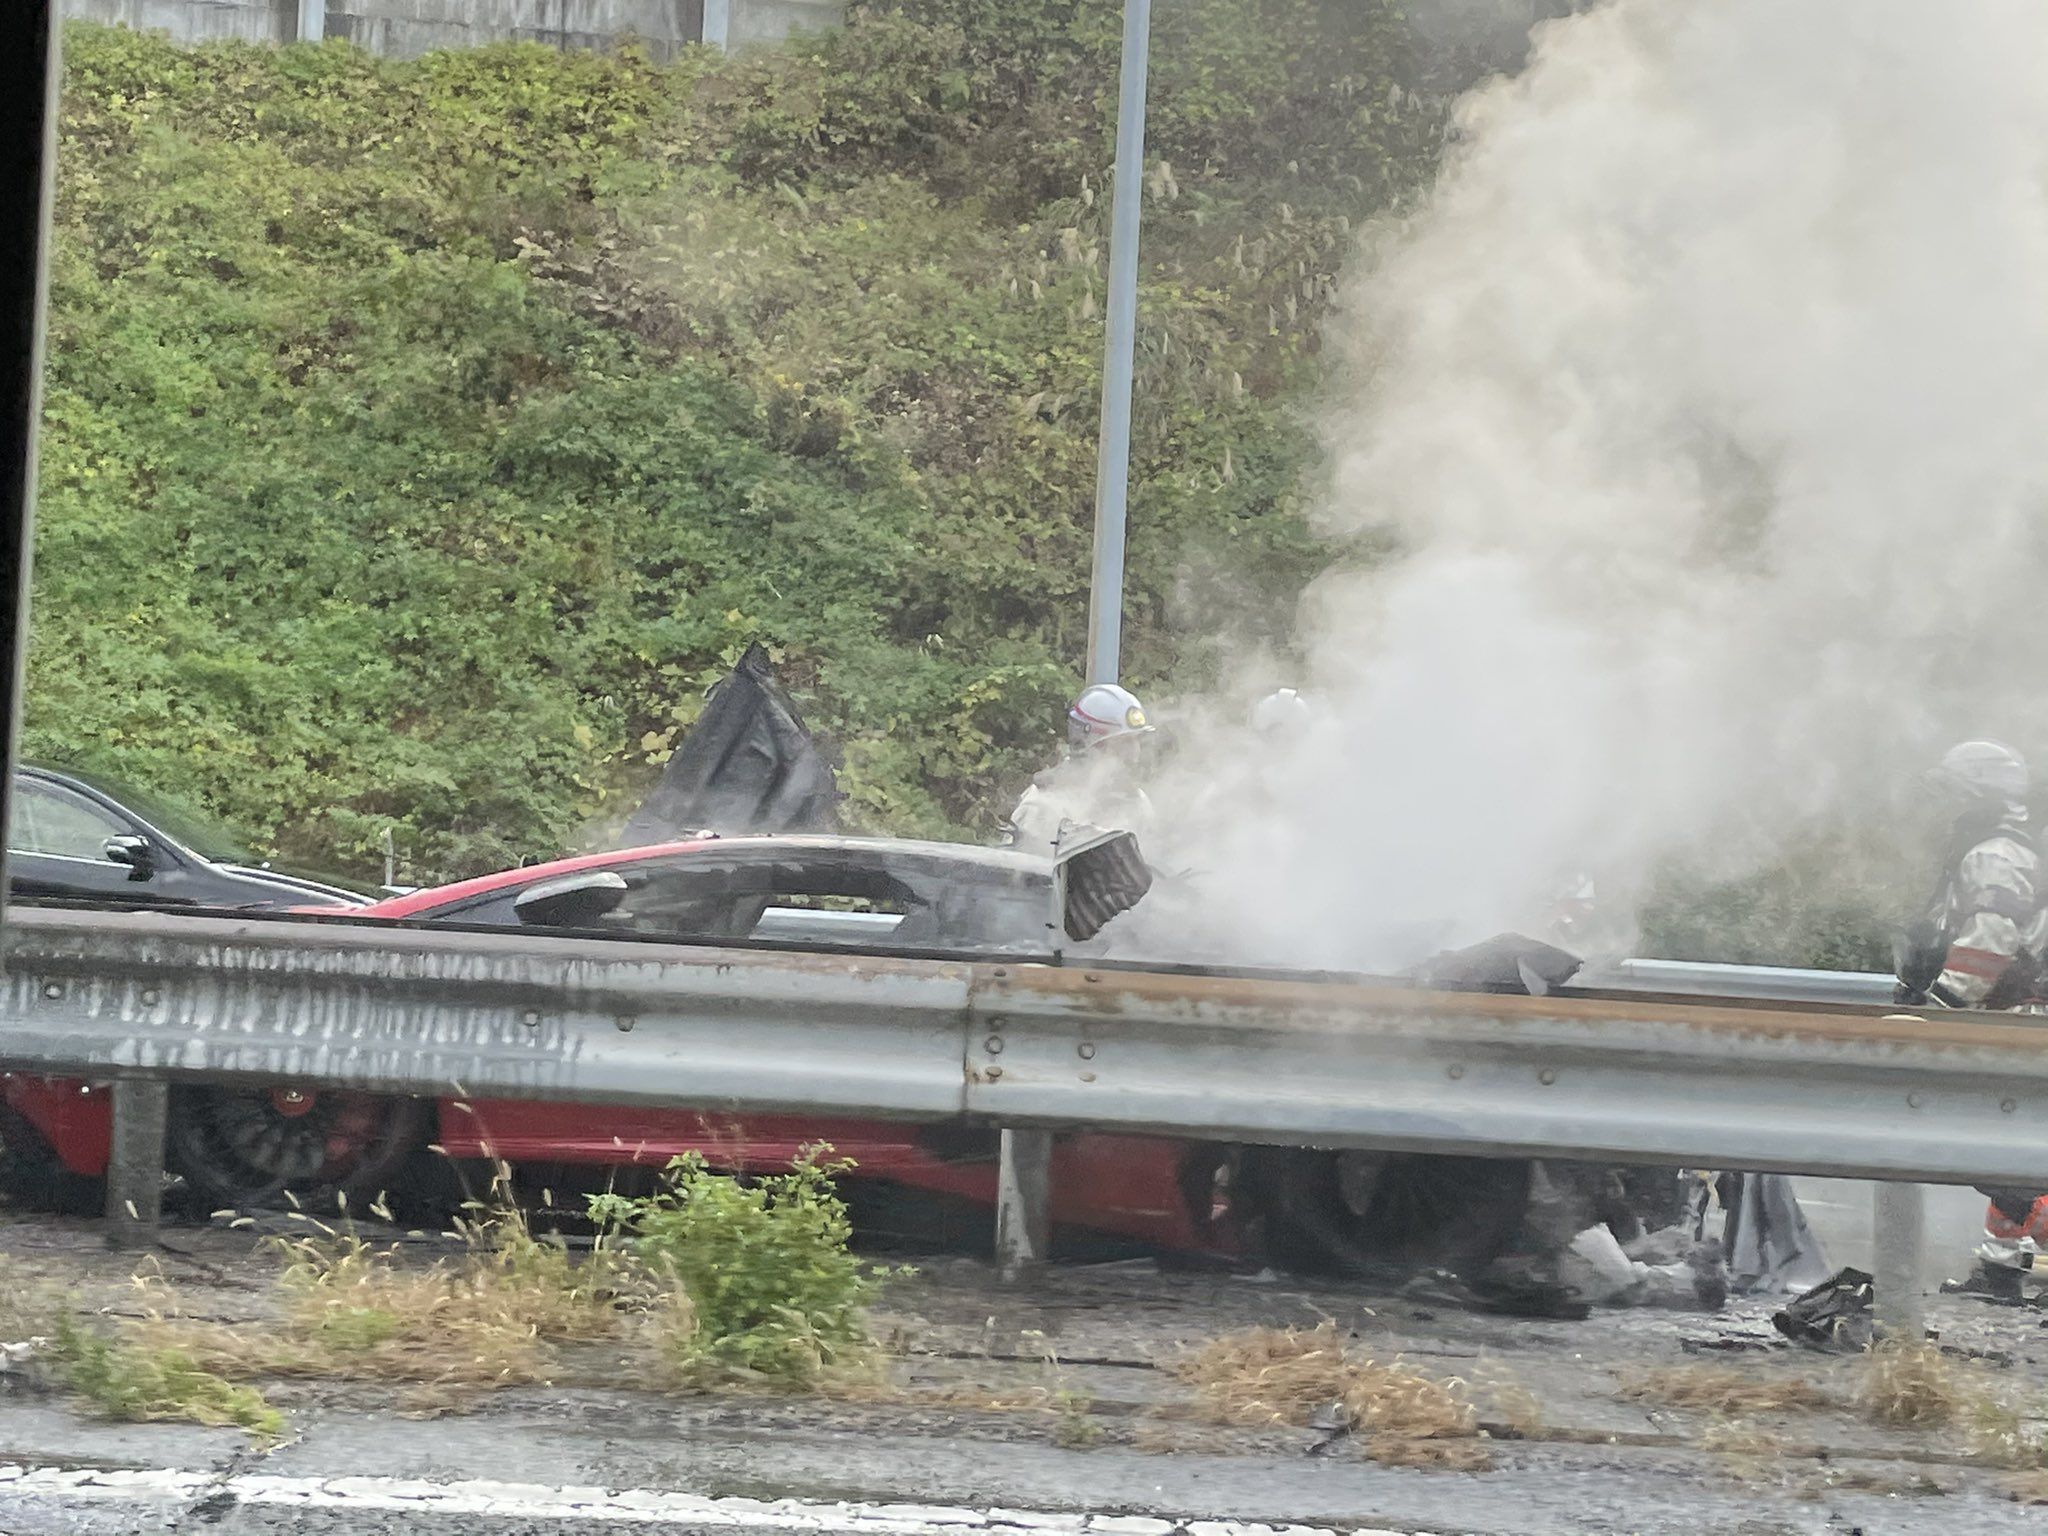 画像,名神高速の京都東付近で車大破してた。 https://t.co/7KthTbwAaO。